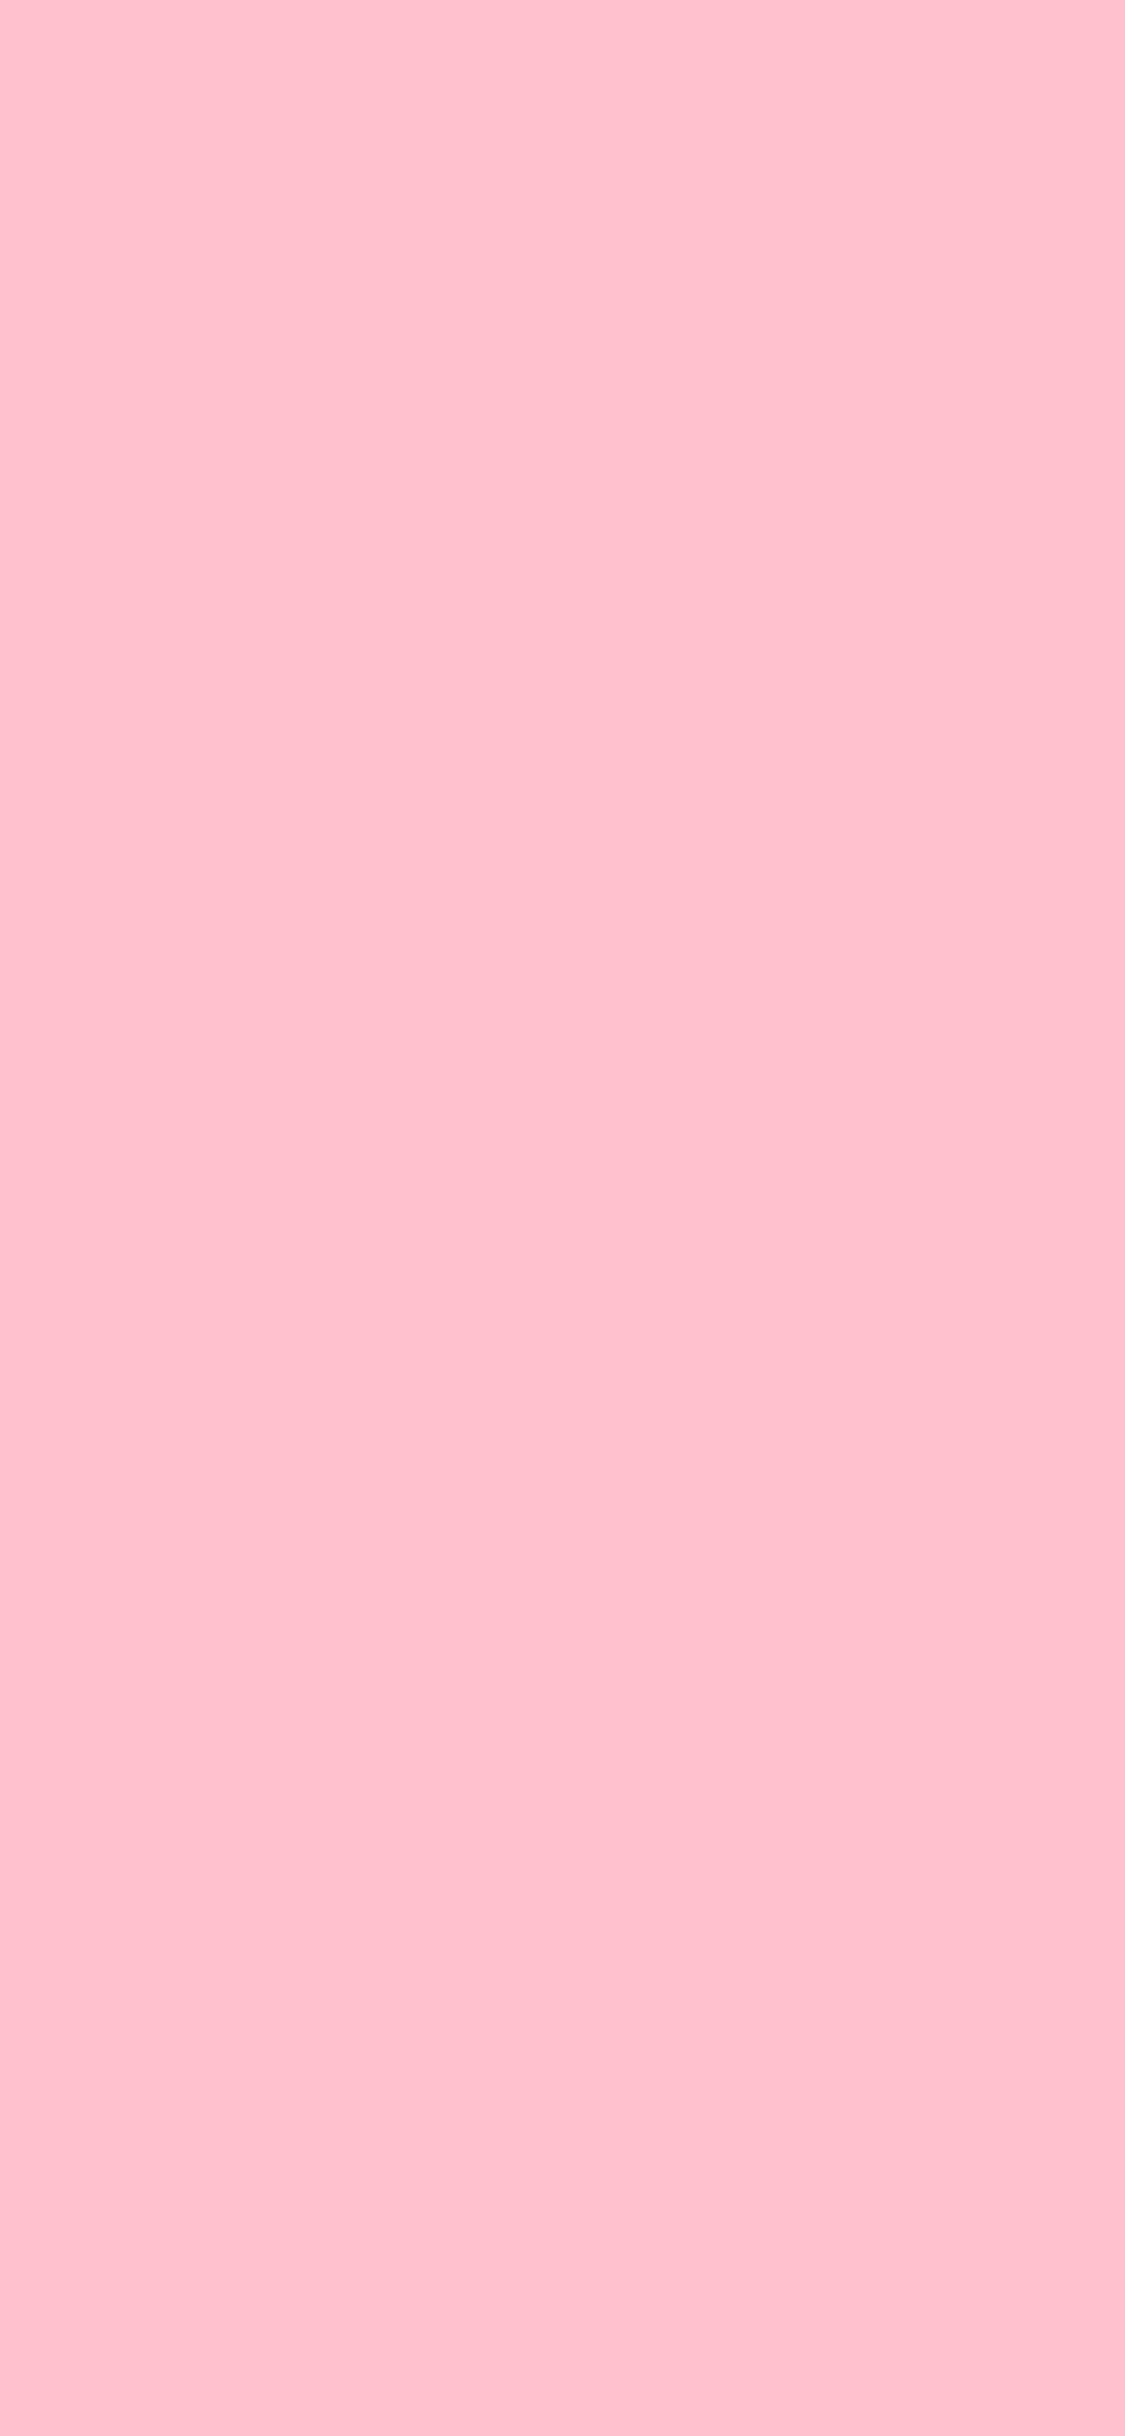 1125x2436 Bubble Gum Solid Color Background